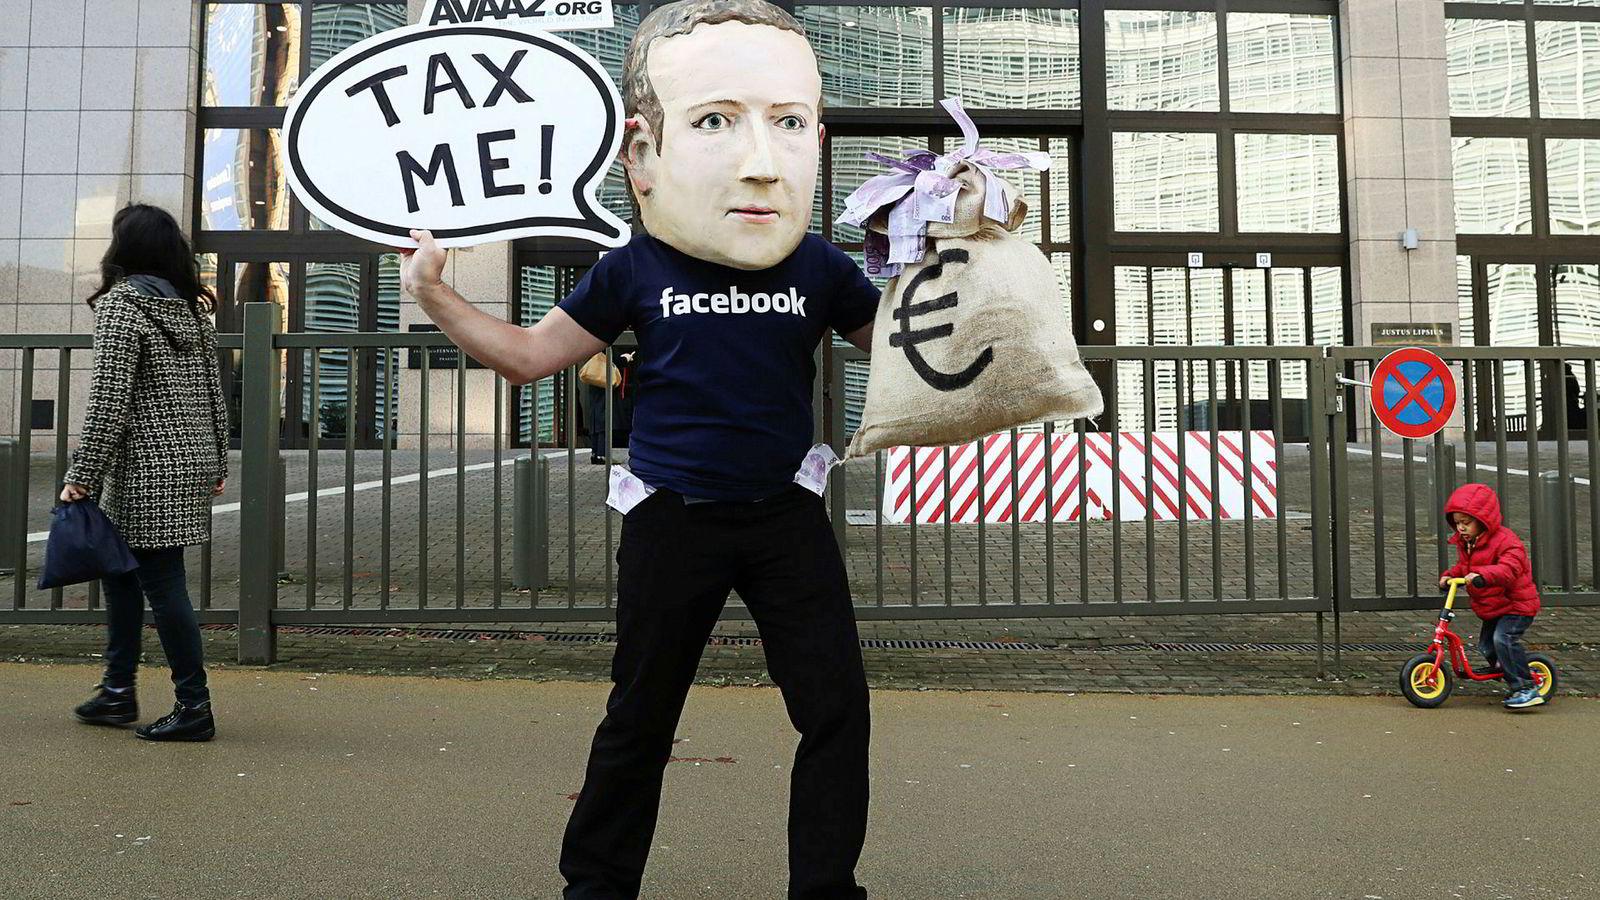 En aktivist med Mark Zuckerberg-maske demonstrerer utenfor EU-hovedkvarteret i Brussel i desember. Sommeren 2018 begynte Facebook å rapportere reklameinntekter i Norge.